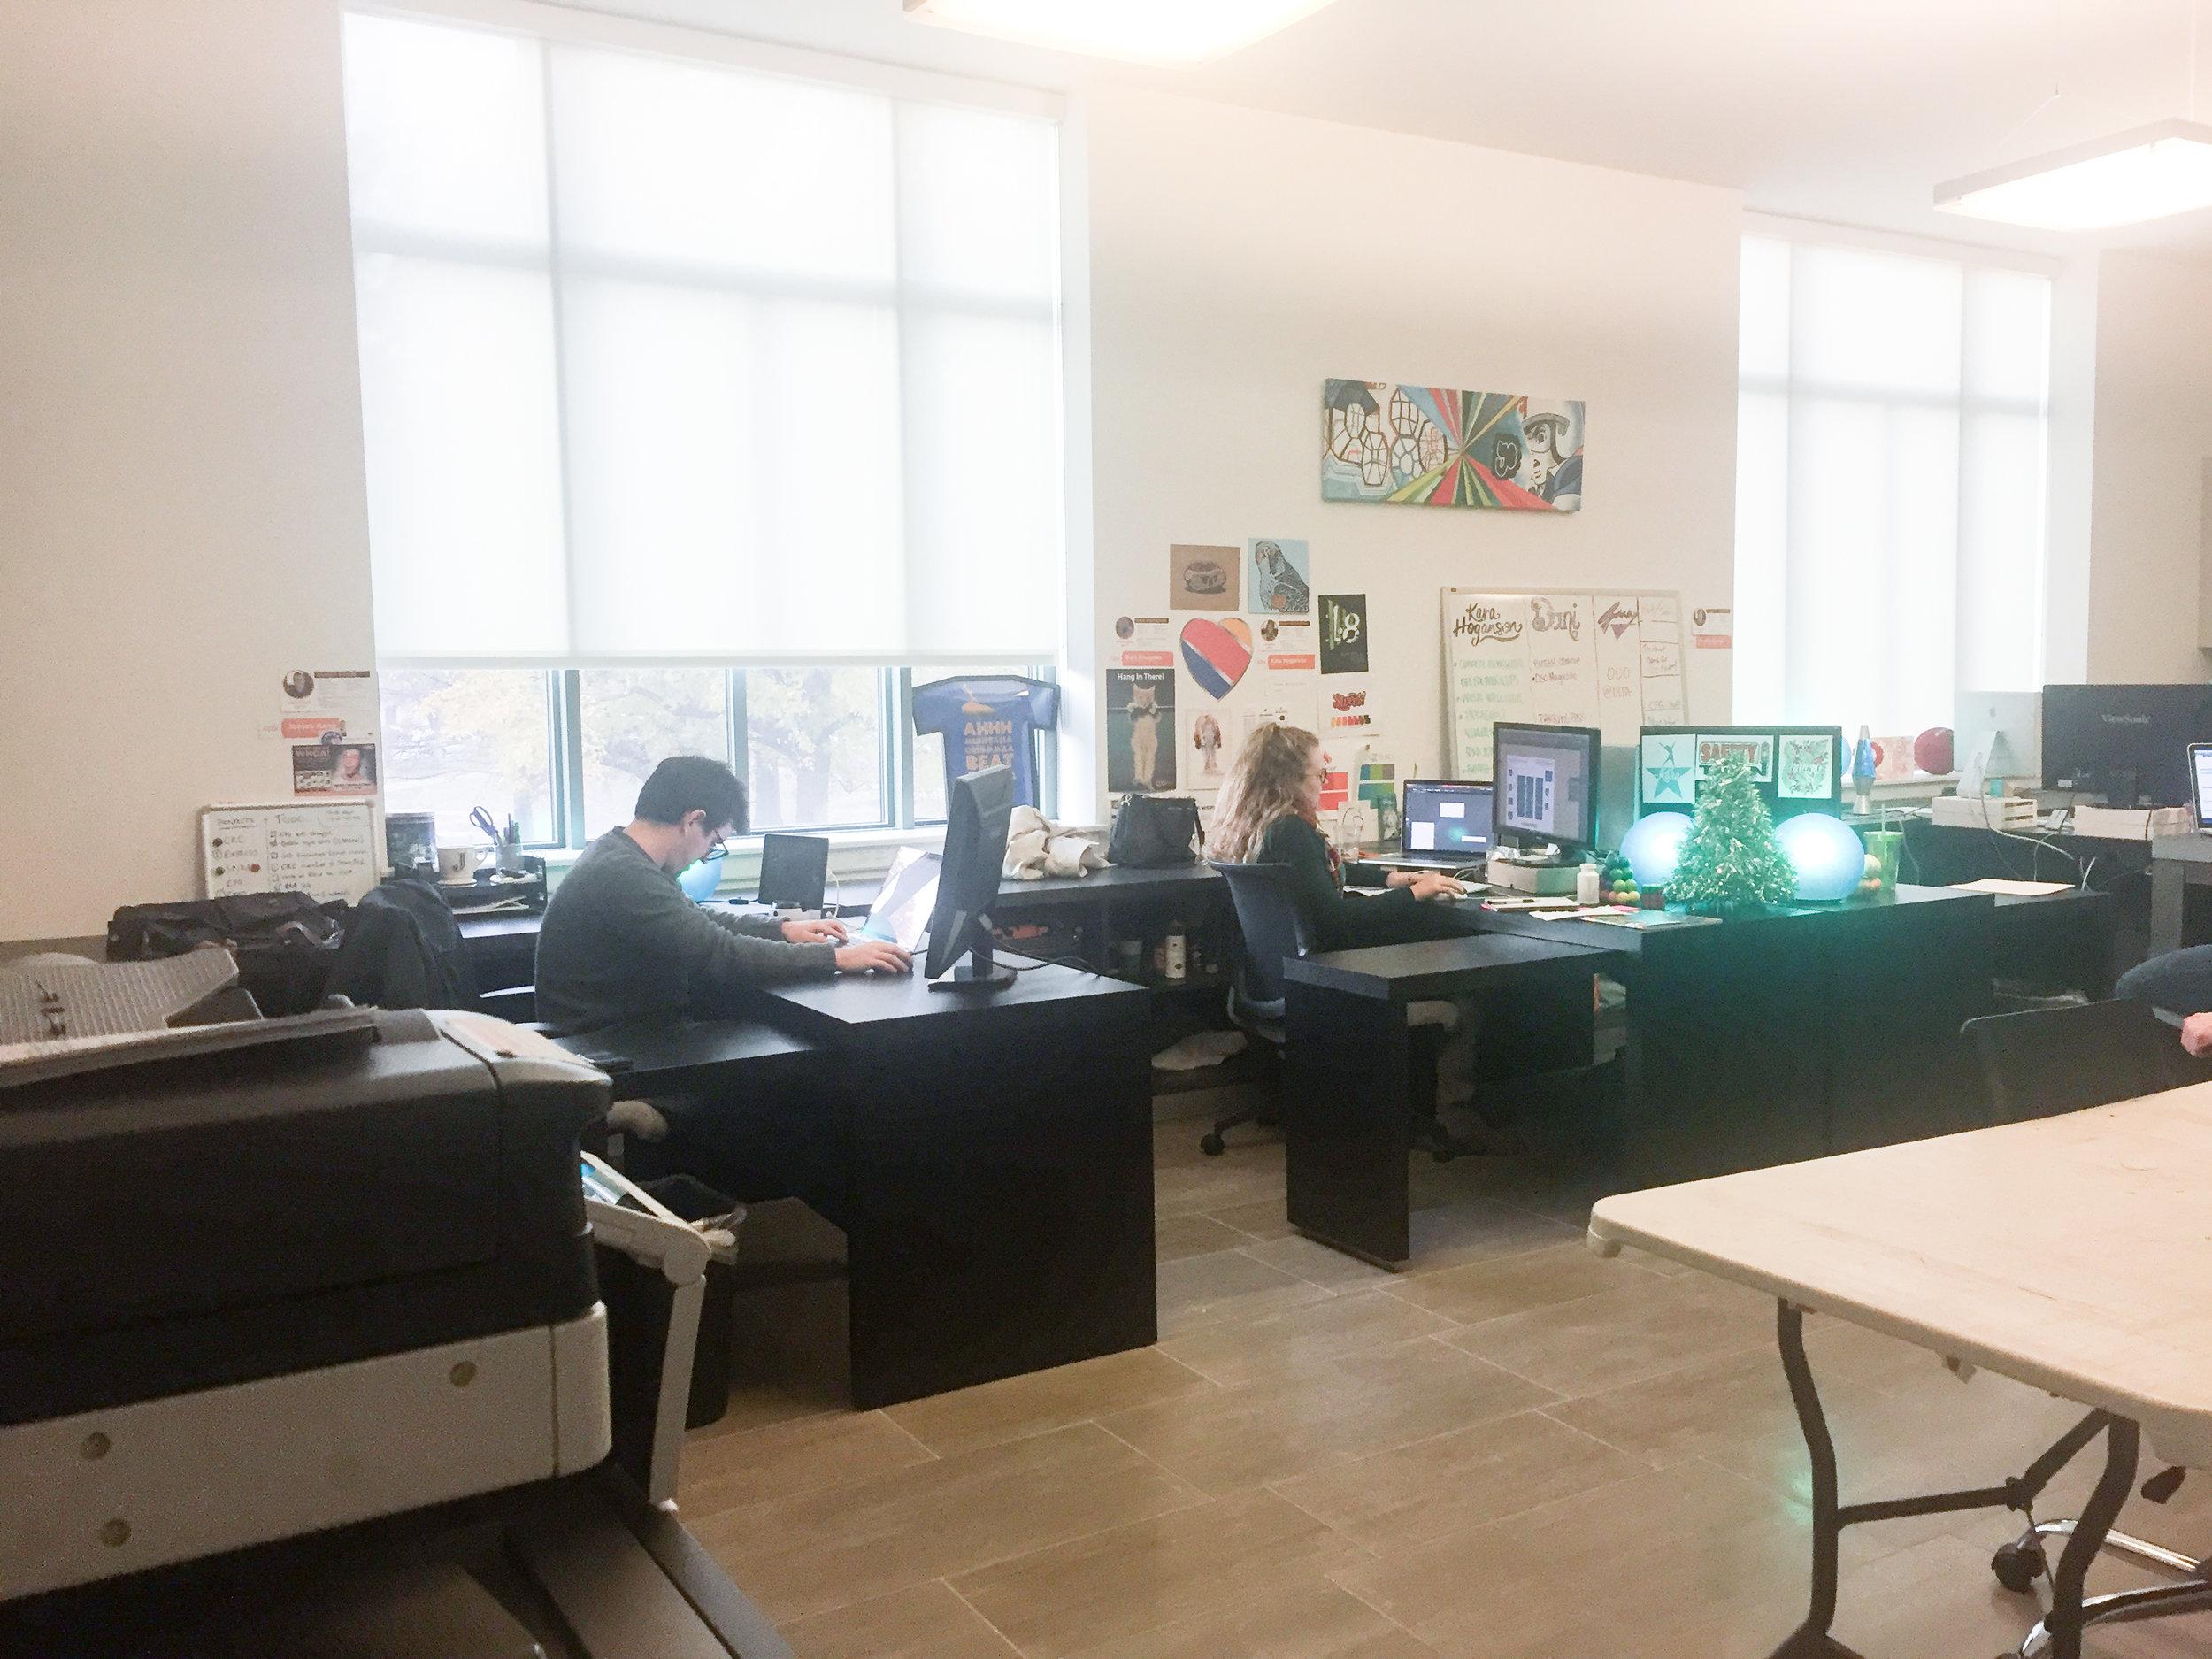 Before_Office Space.jpg